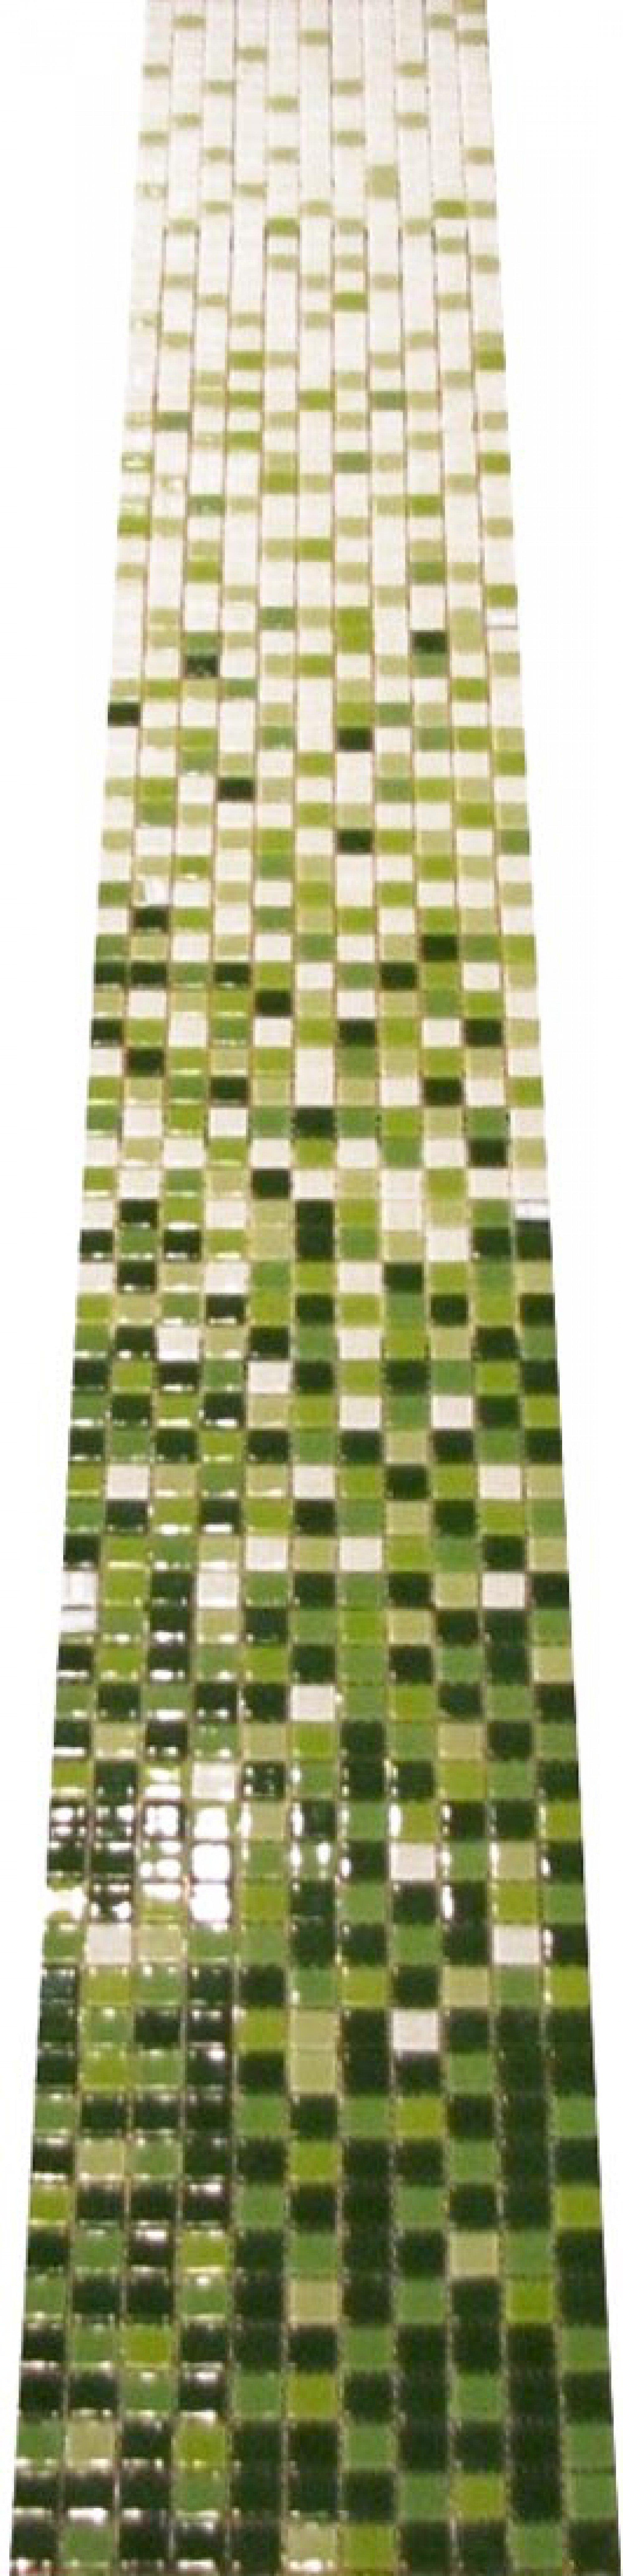 Мозаика Растяжки Jump Green №1-8 (комплект из 8шт.)2400*300